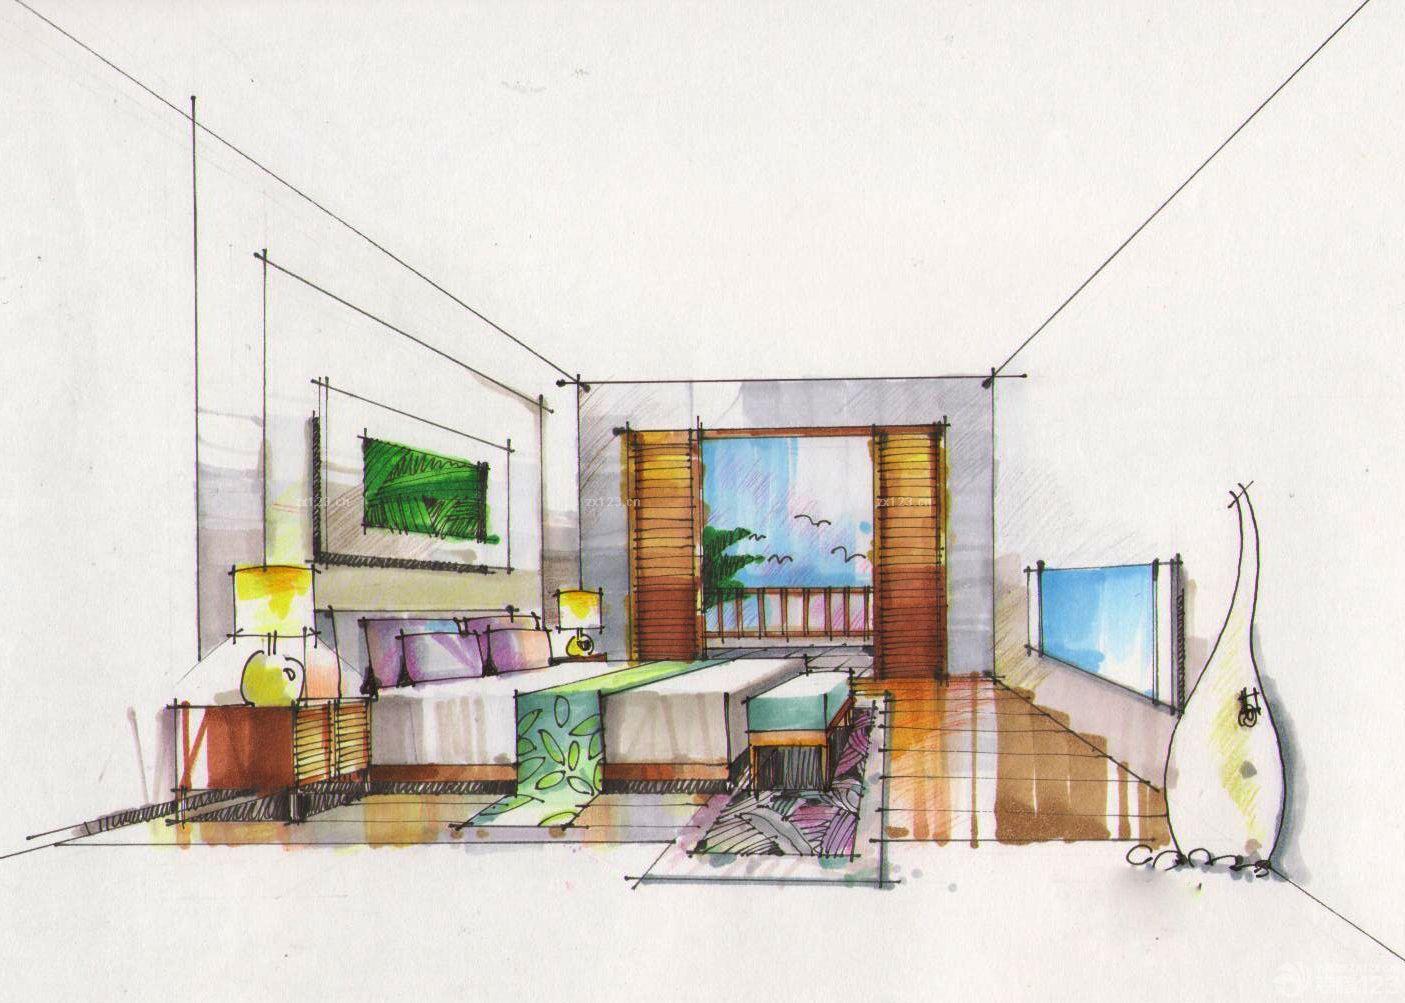 马克笔手绘结婚卧室设计图